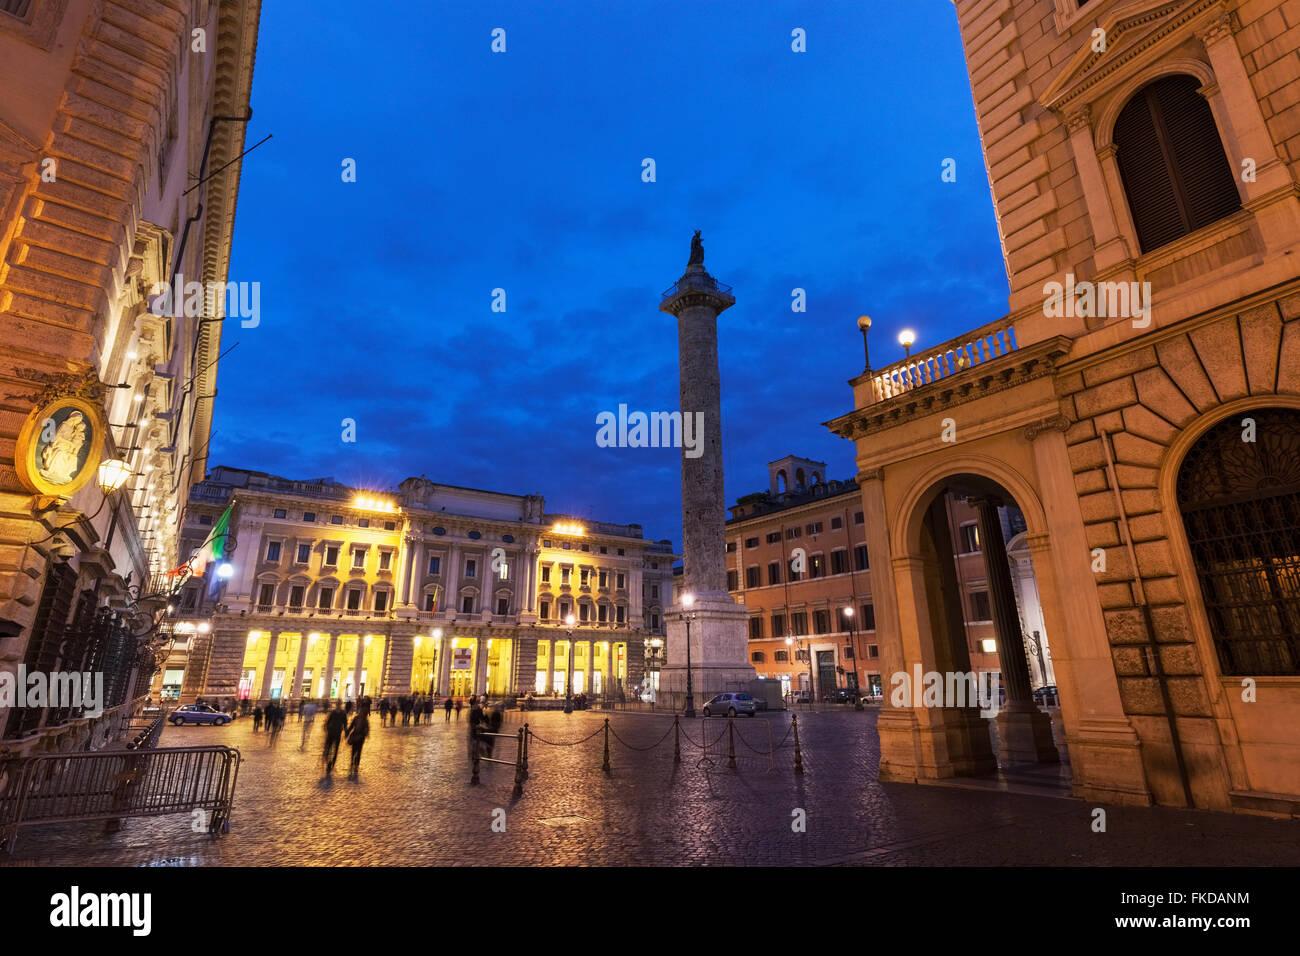 Illuminated Colonna Square with Column of Marcus Aurelius - Stock Image